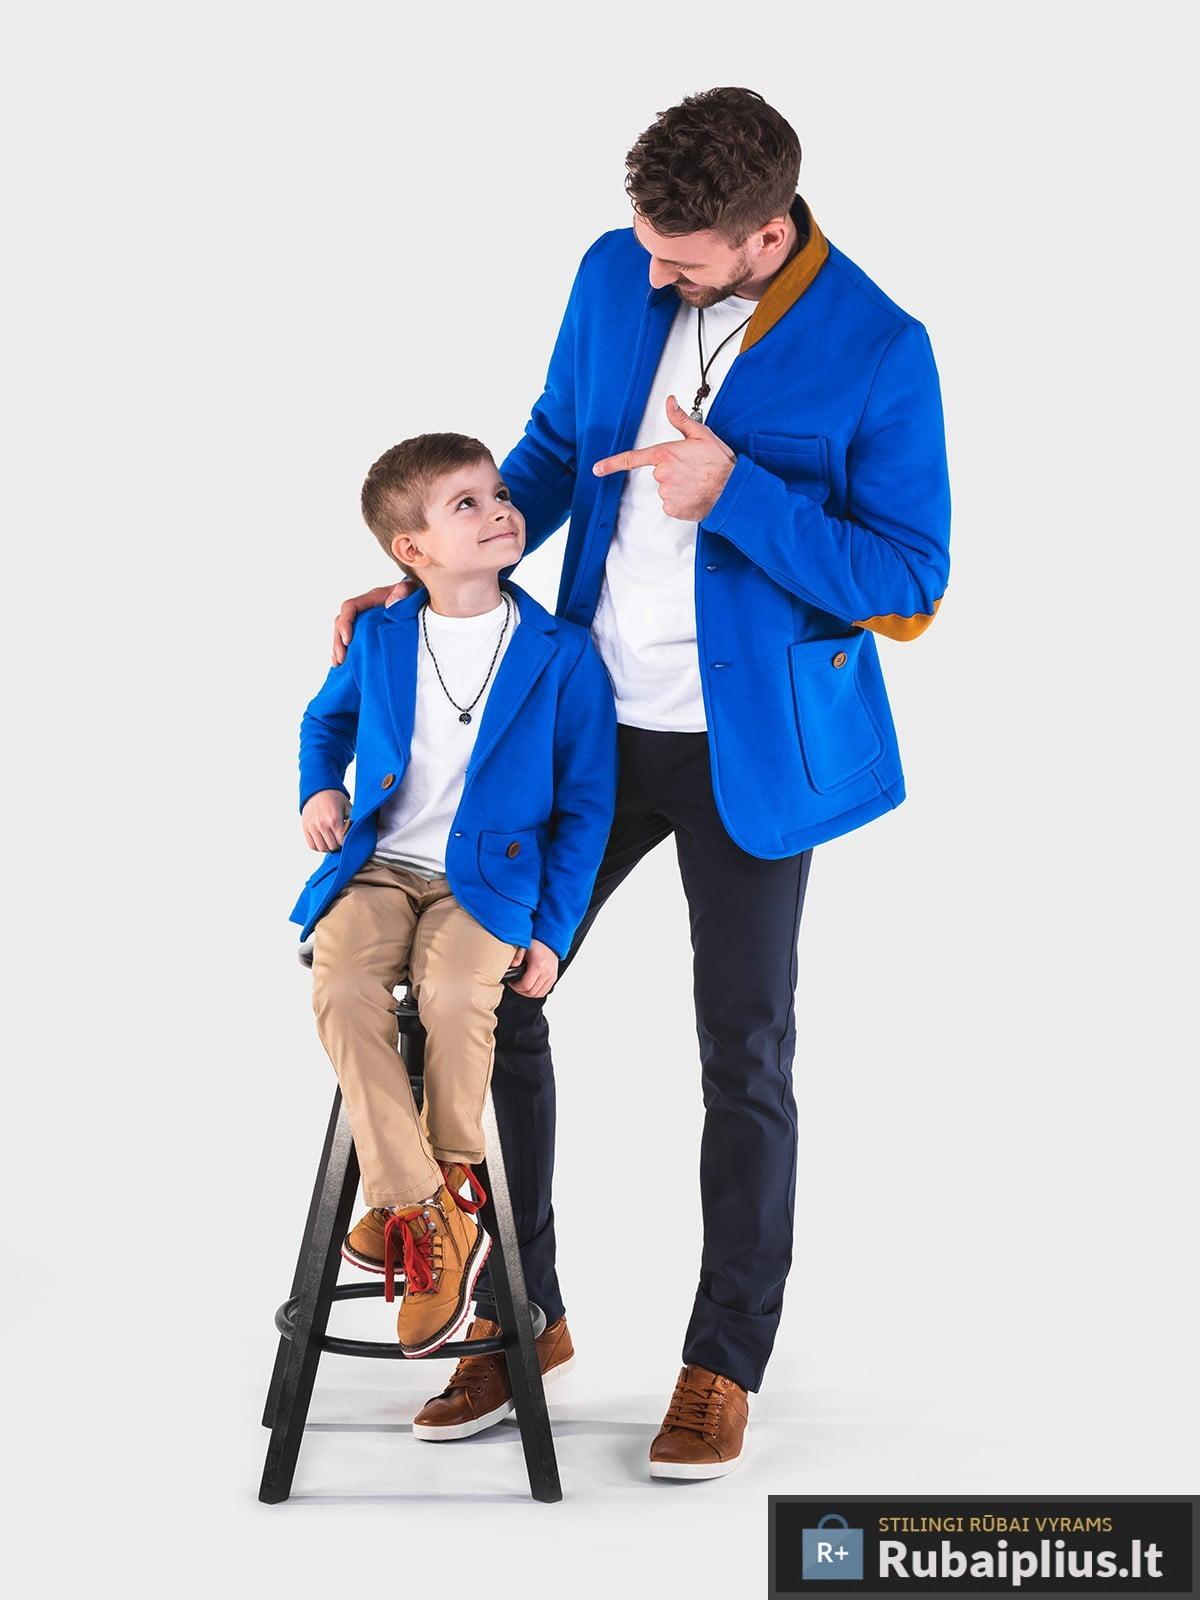 mėlynas švarkas vaikams, mėlyos spalvos vaikiškas švarkas internetu, švarkas beriukui, patogus vaikiškas švarkas, vaikiškas švarkas laisvalaikiui, originalūs vaikiški švarkai, vaikiškas švarkas internete, stilingas vaikiškas švarkas, elegantiskas švarkas beriukui, kokybiškas švarkas beriukui, madingi vaikiški švarkai beriukams, vaikiškas švarkas mokyklai, švarkas vaikams nebrangiai, vaikiškas švarkas protigna kaina, akcija, nuolaidos švarkams